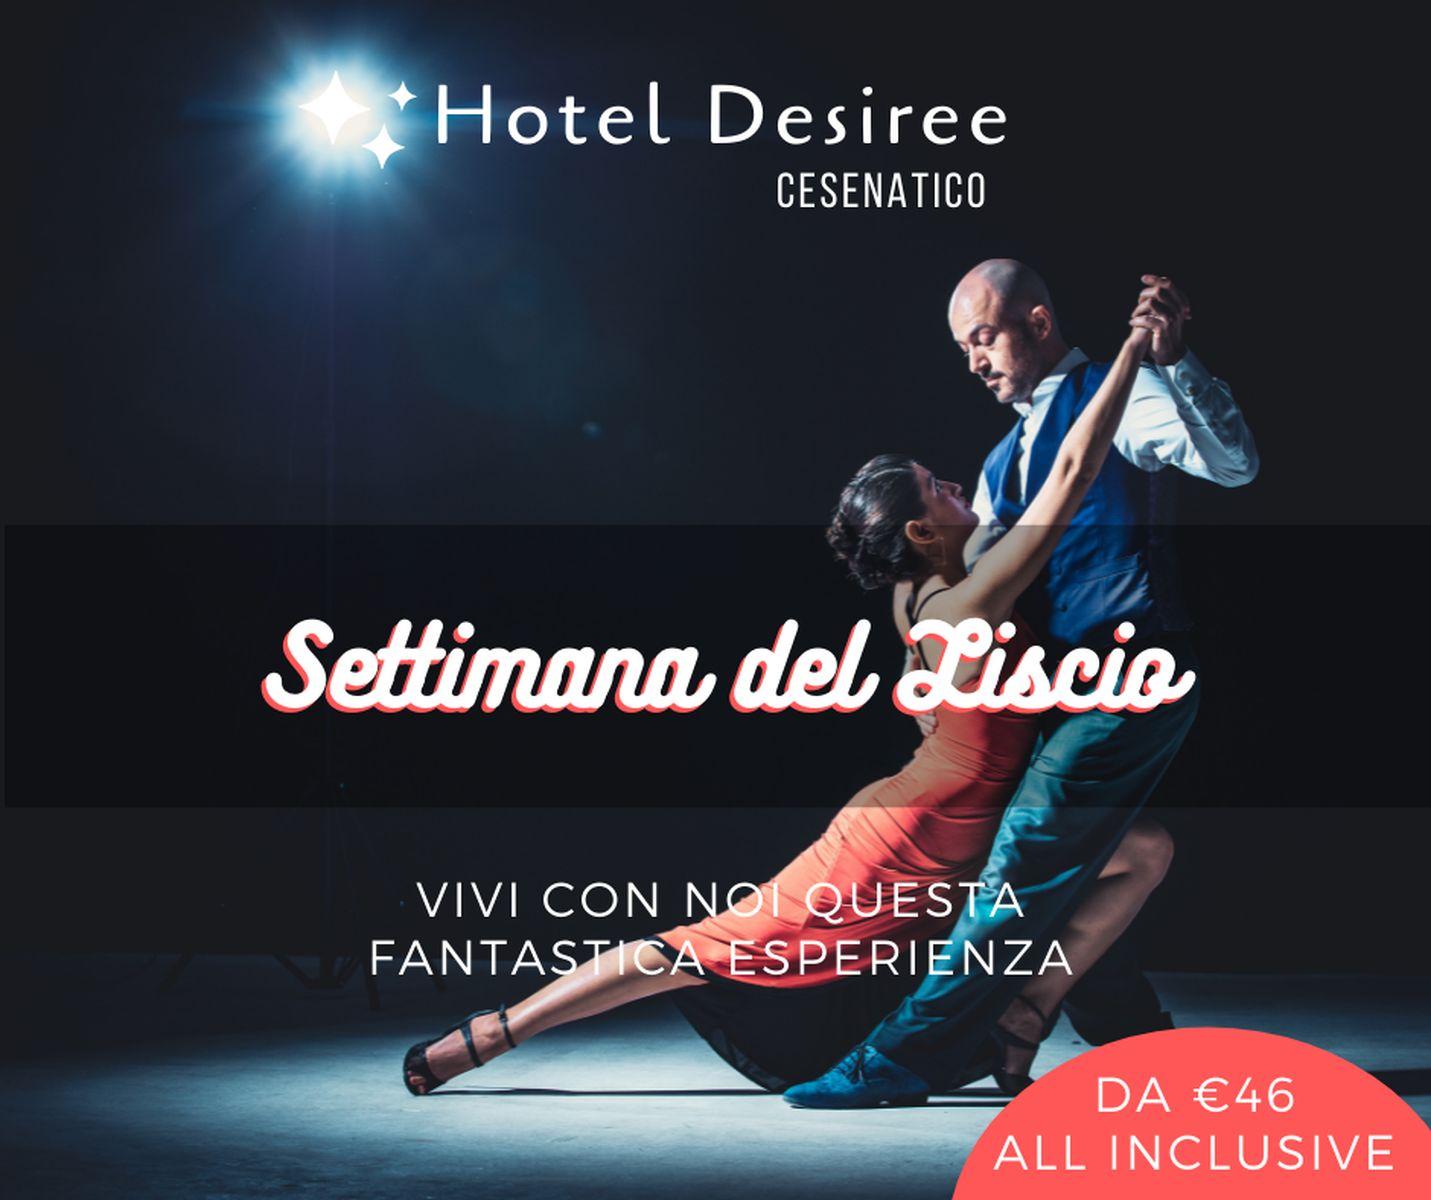 Hotel Desiree Cesenatico – Settimana del Liscio a Gatteo Mare